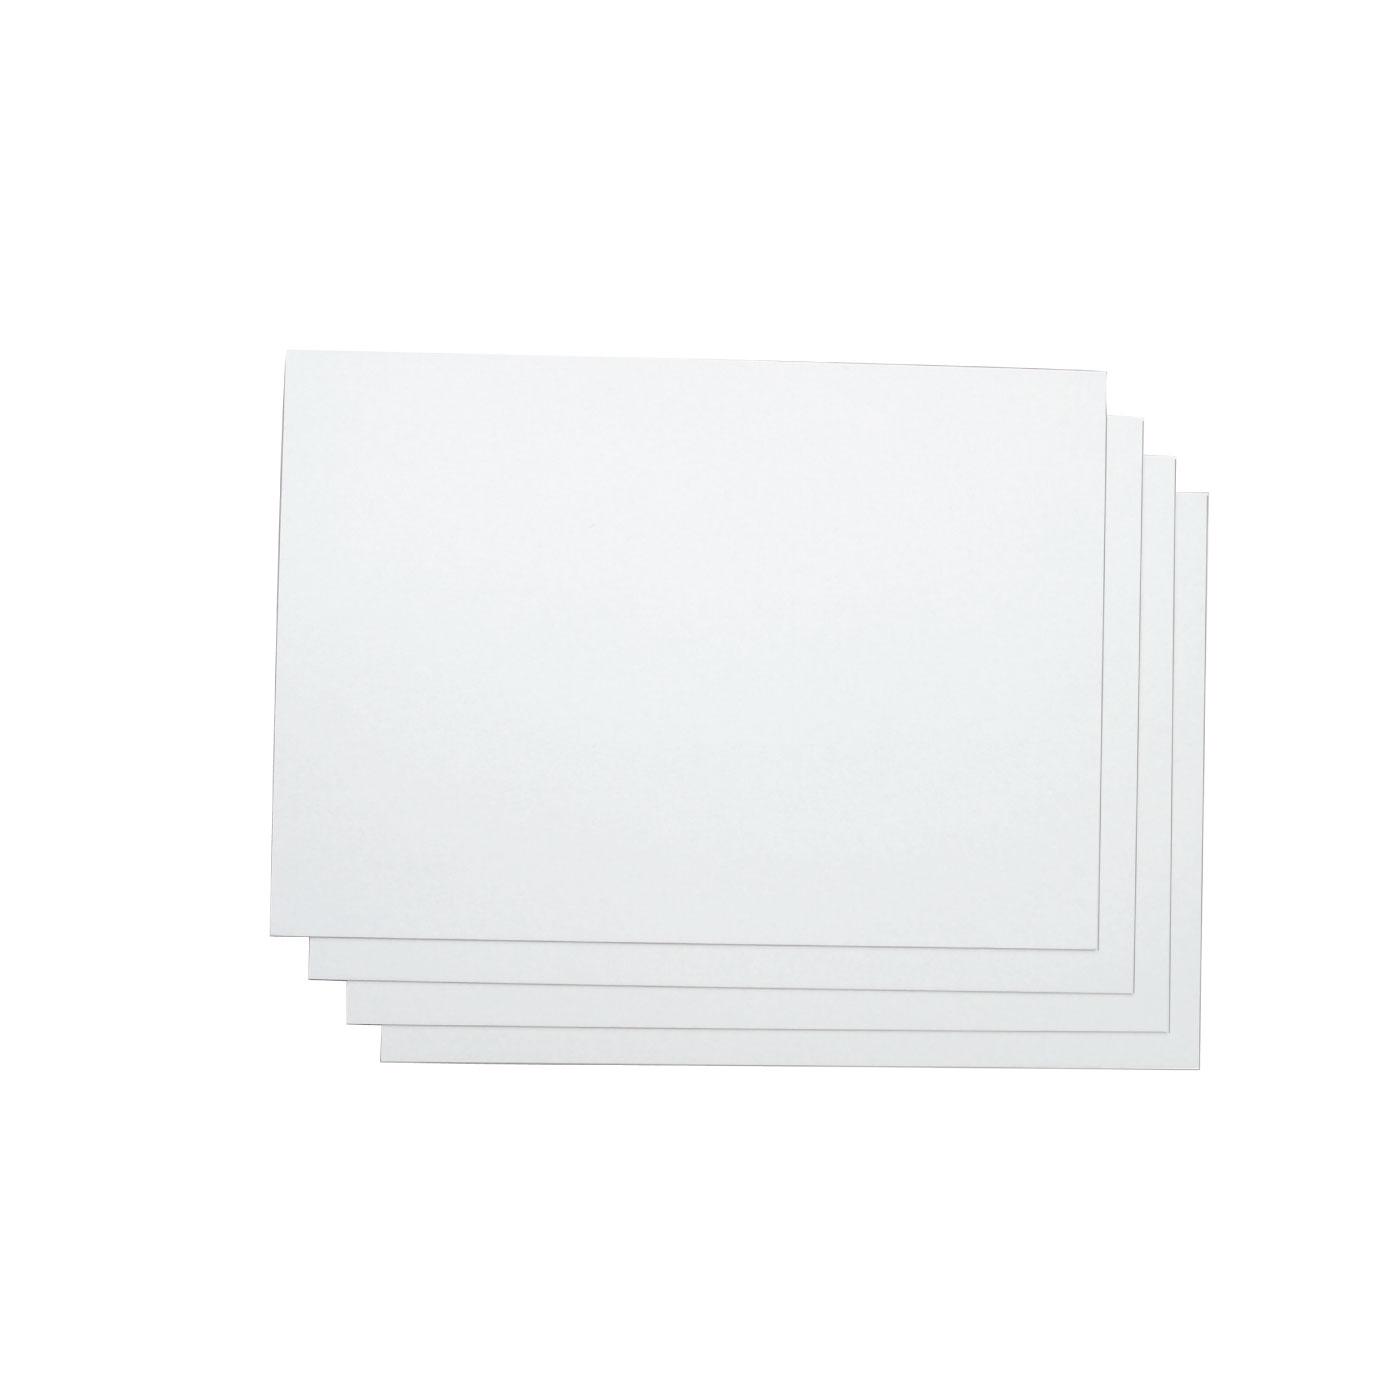 布張りBOXを丈夫に仕上げるために必要な台紙にぴったりの厚紙4枚もセット。